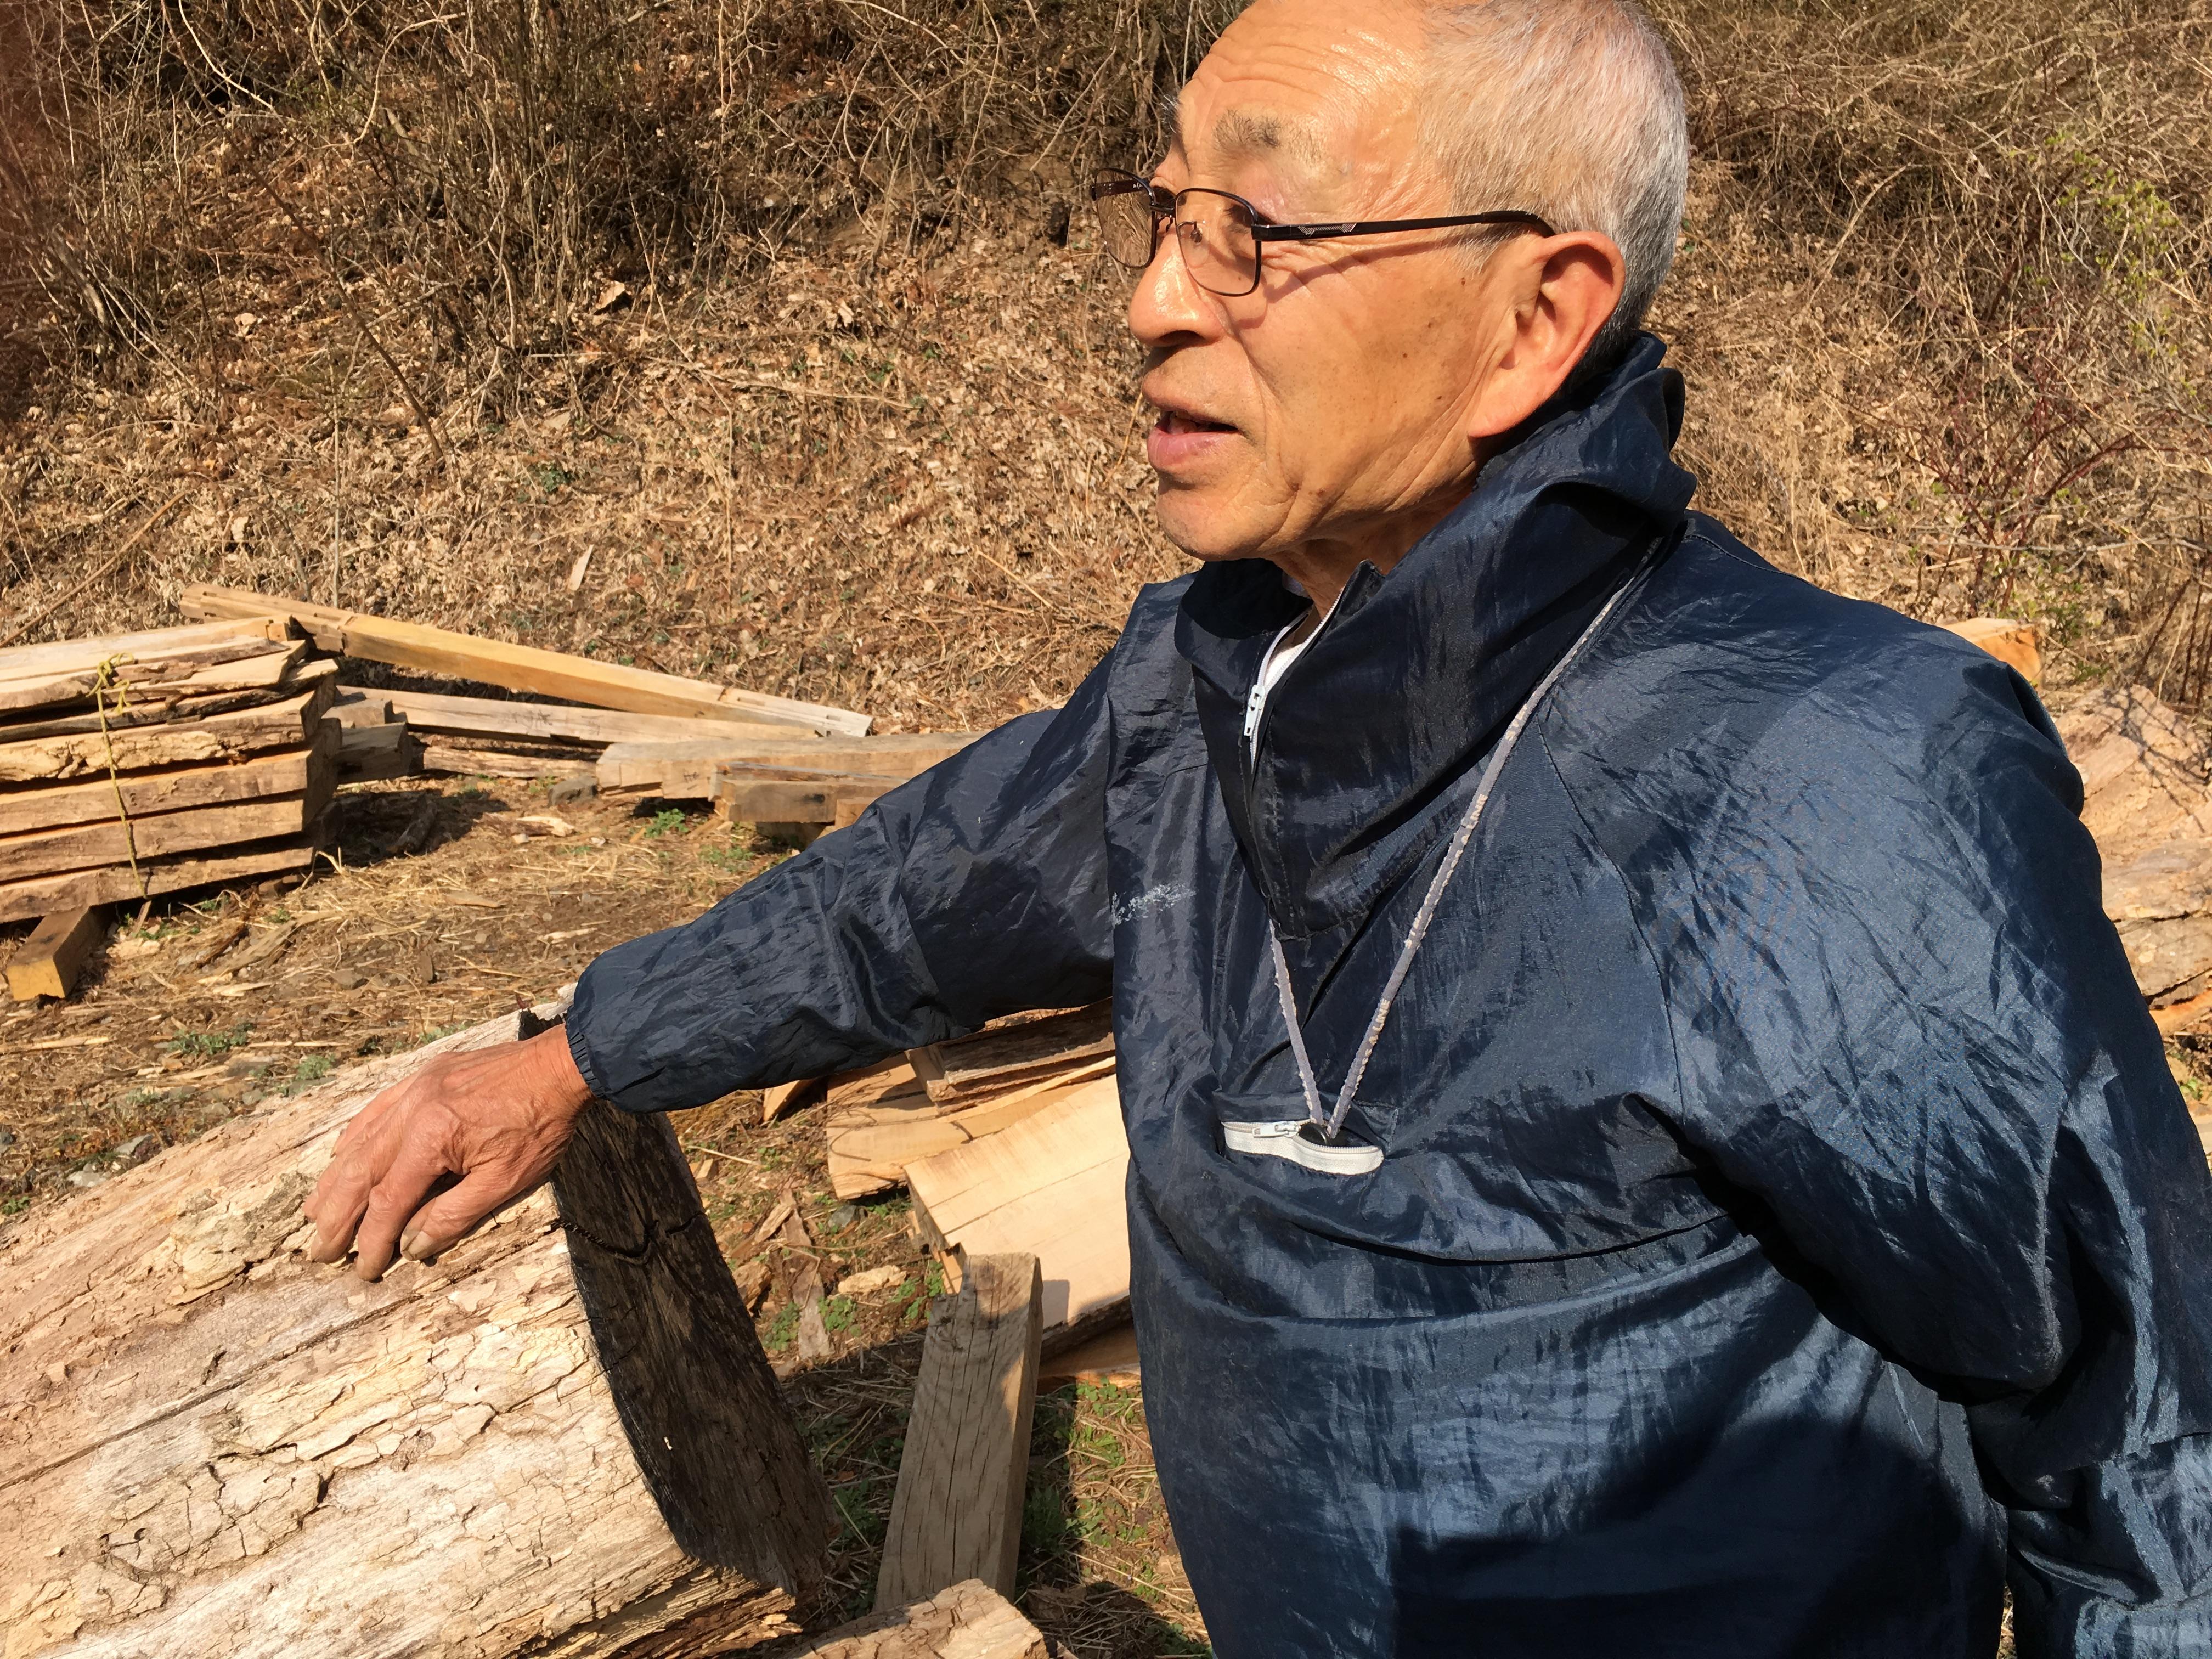 otsuchi grandpa will build again 2016.JPG